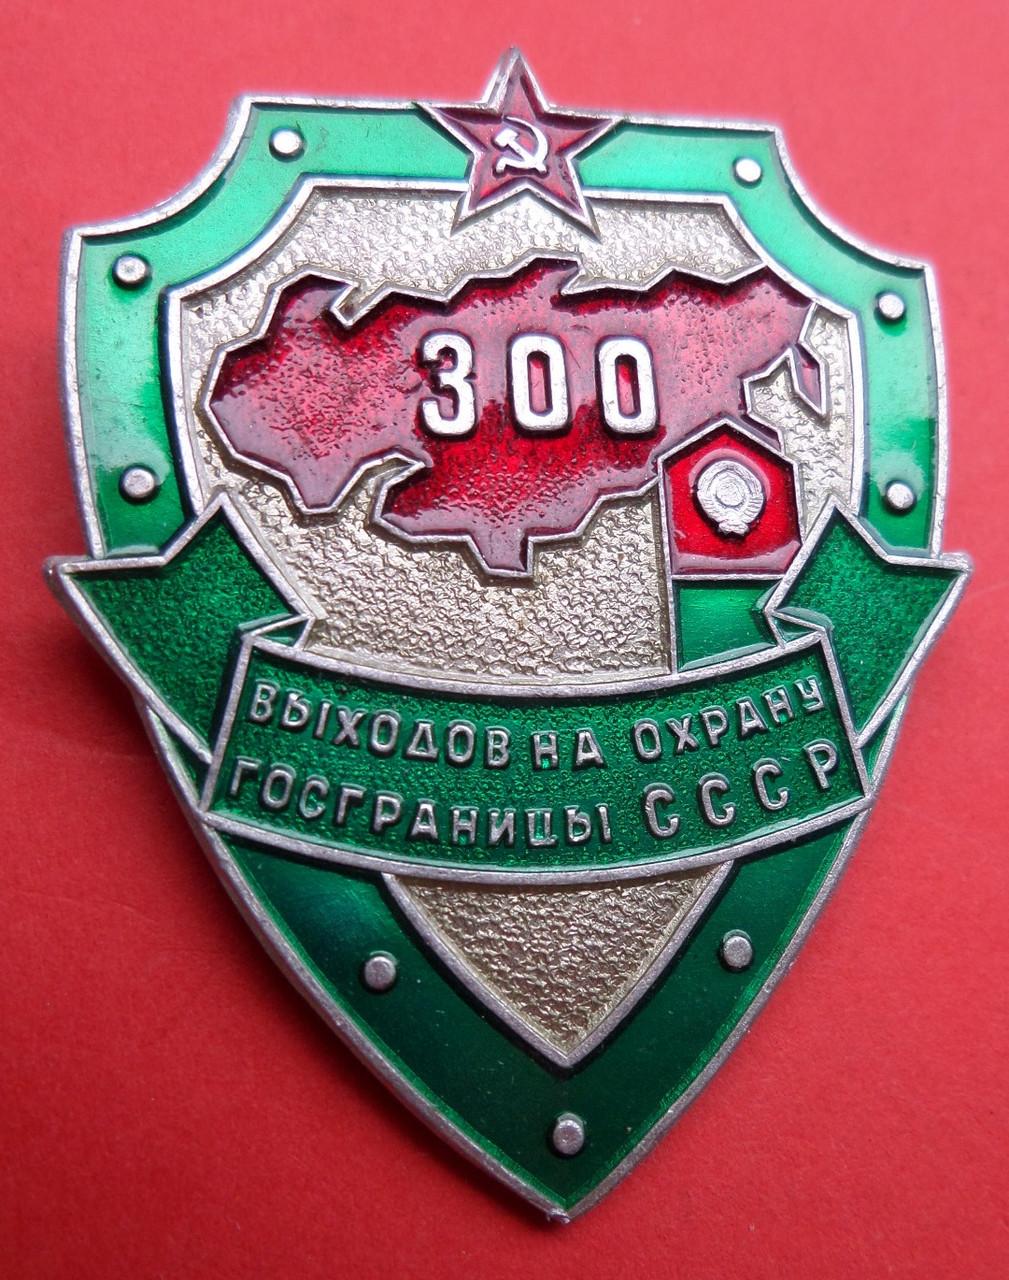 Знак 300 выходов на на охрану госграницы СССР №178